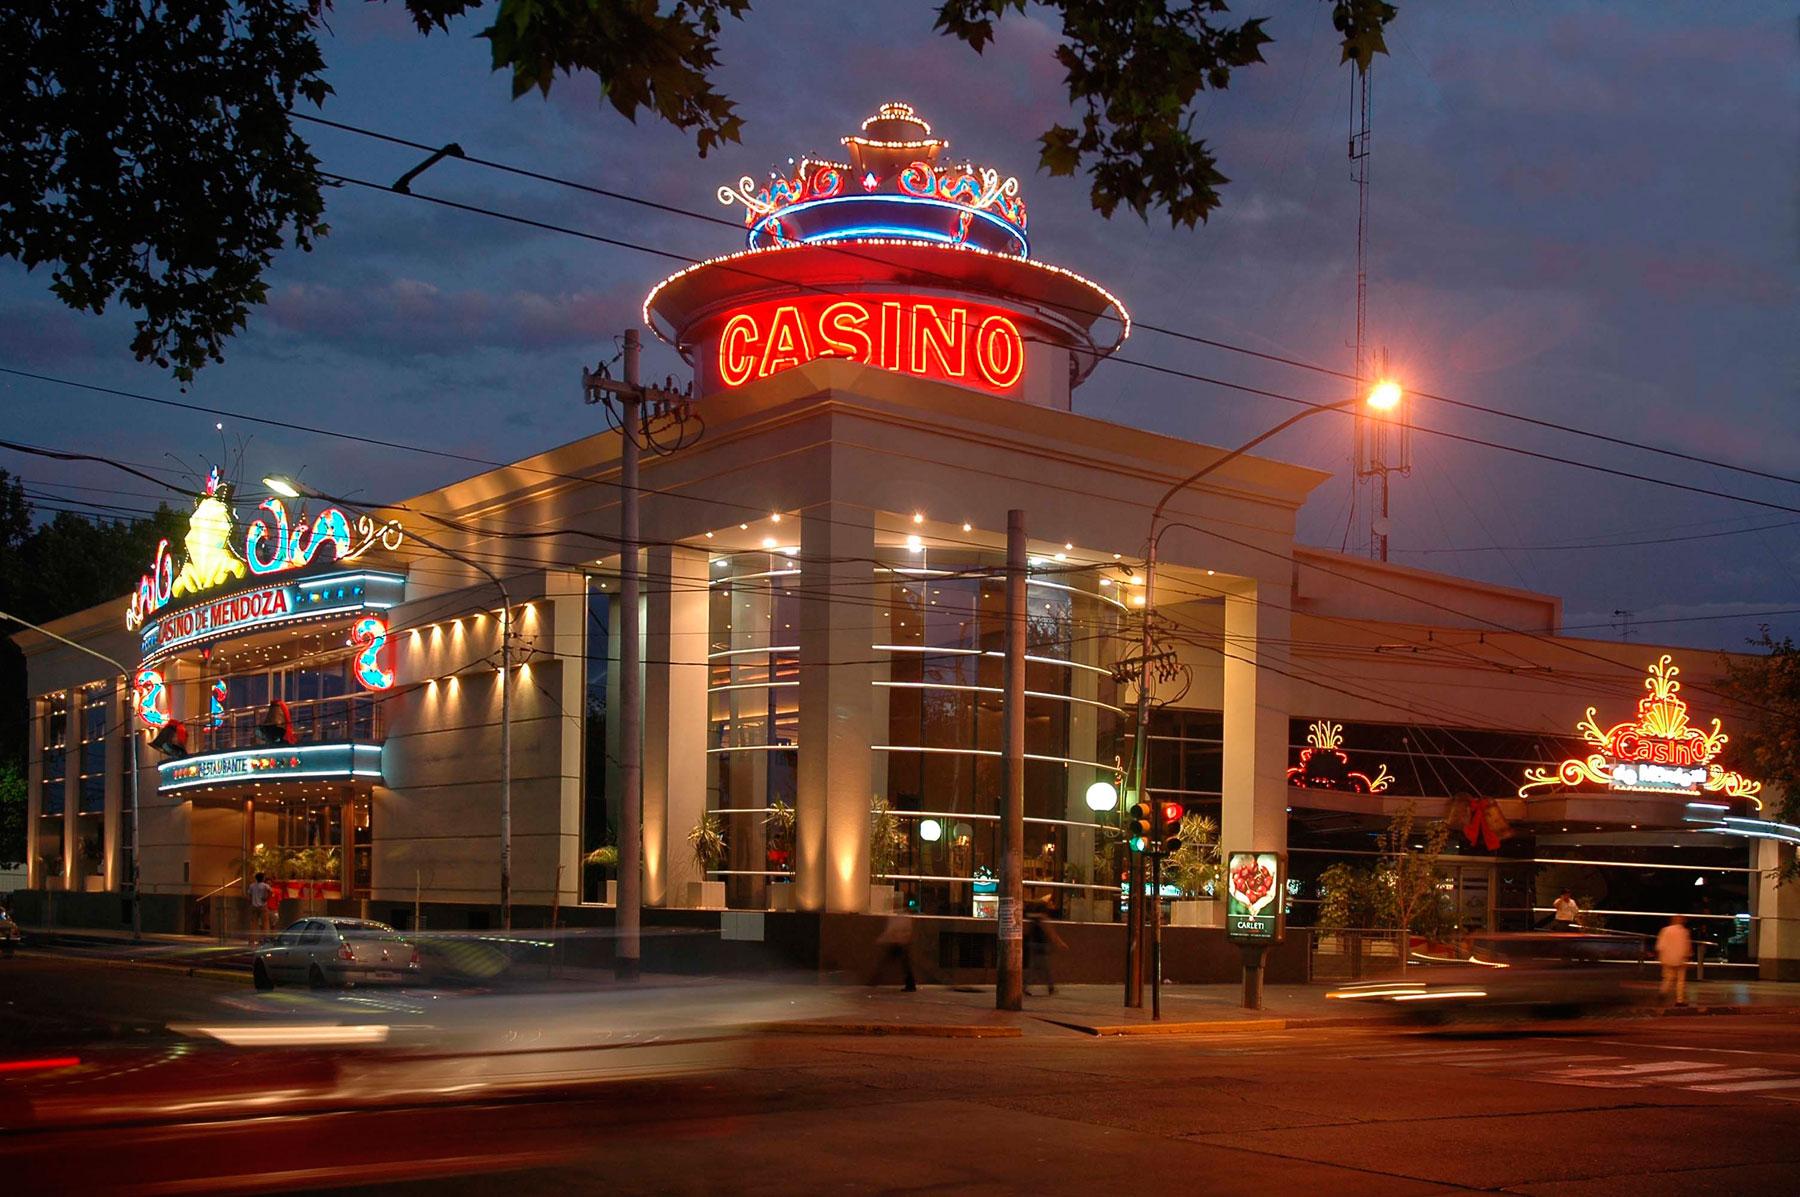 Casino de mendoza